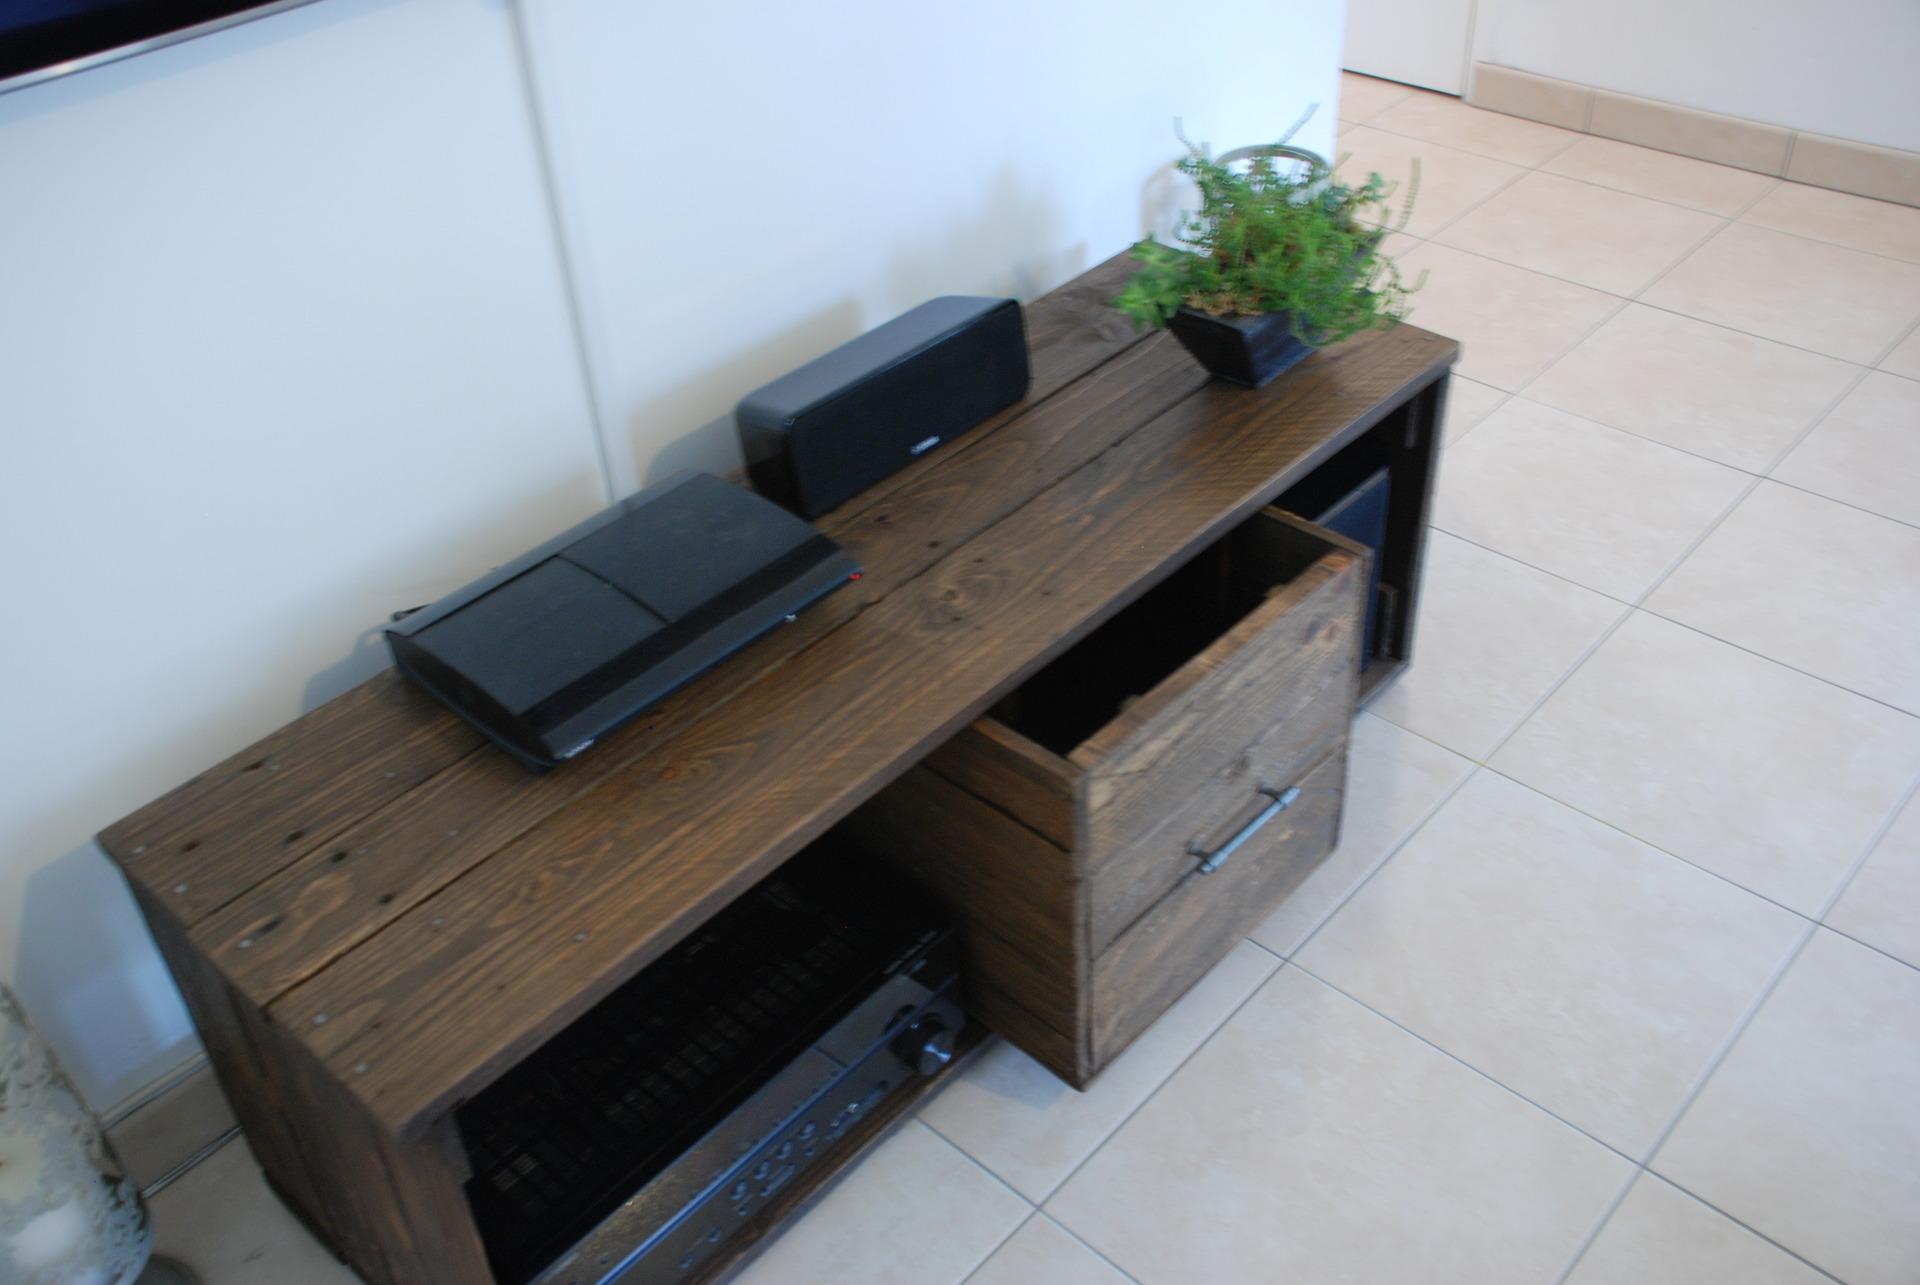 meuble tv fait avec du bois de palette meubles par. Black Bedroom Furniture Sets. Home Design Ideas